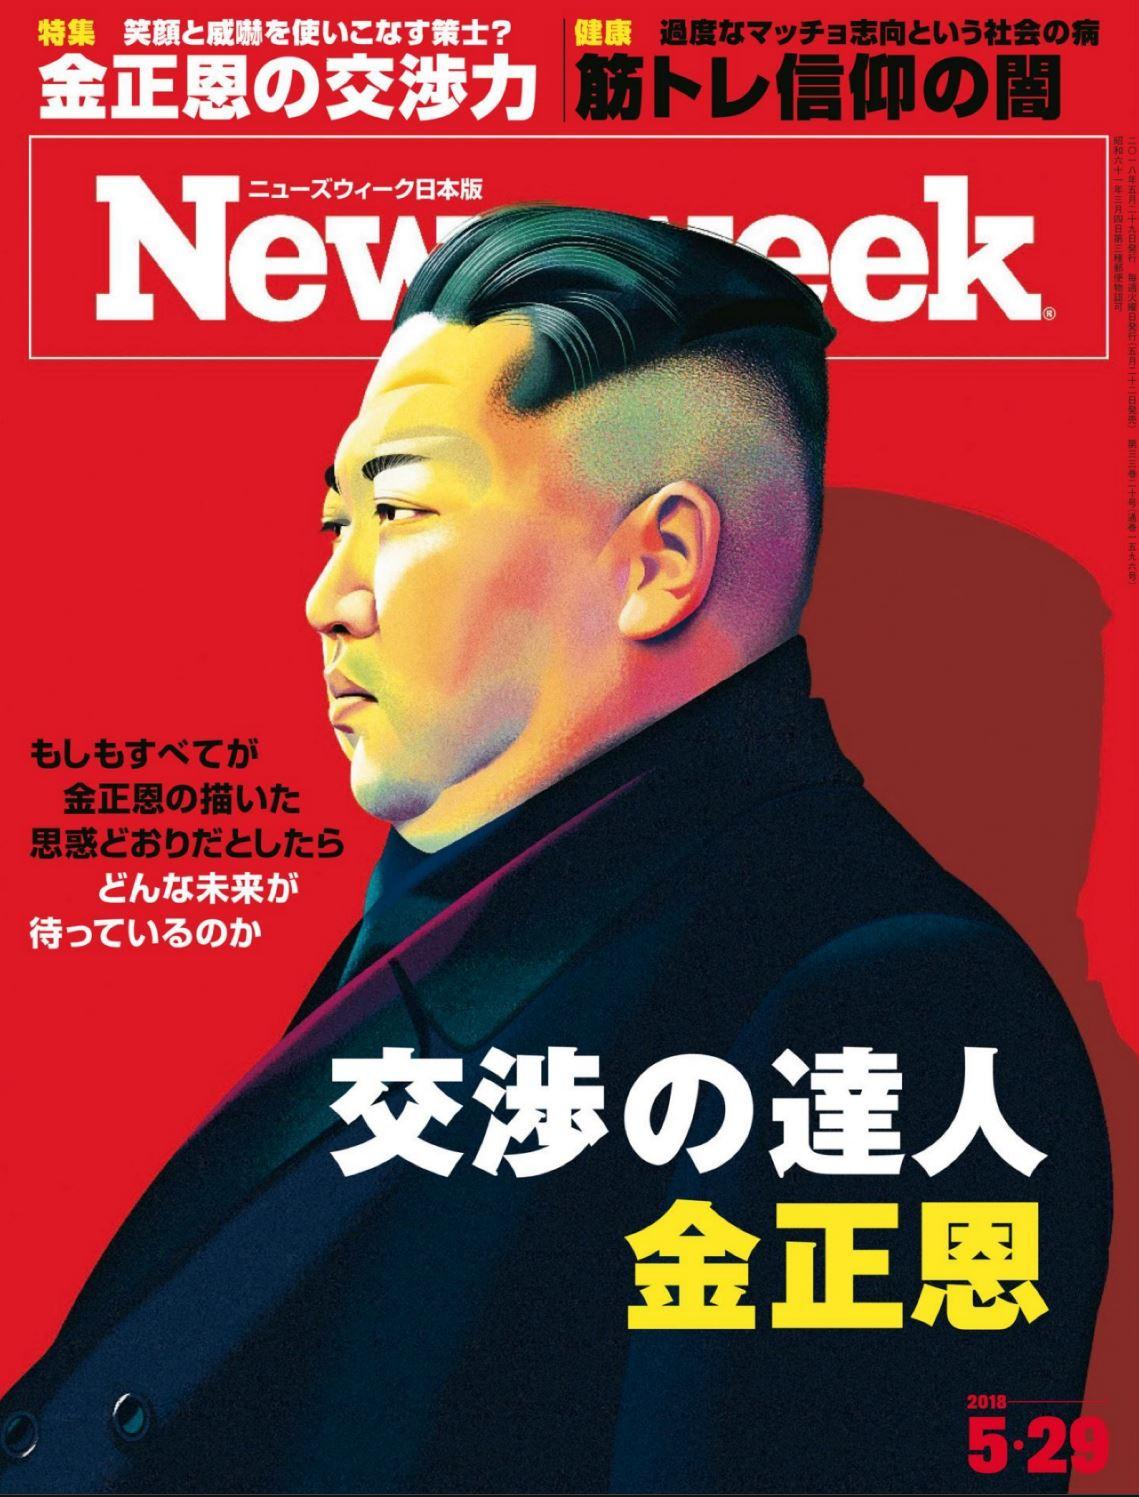 NewsWeek529